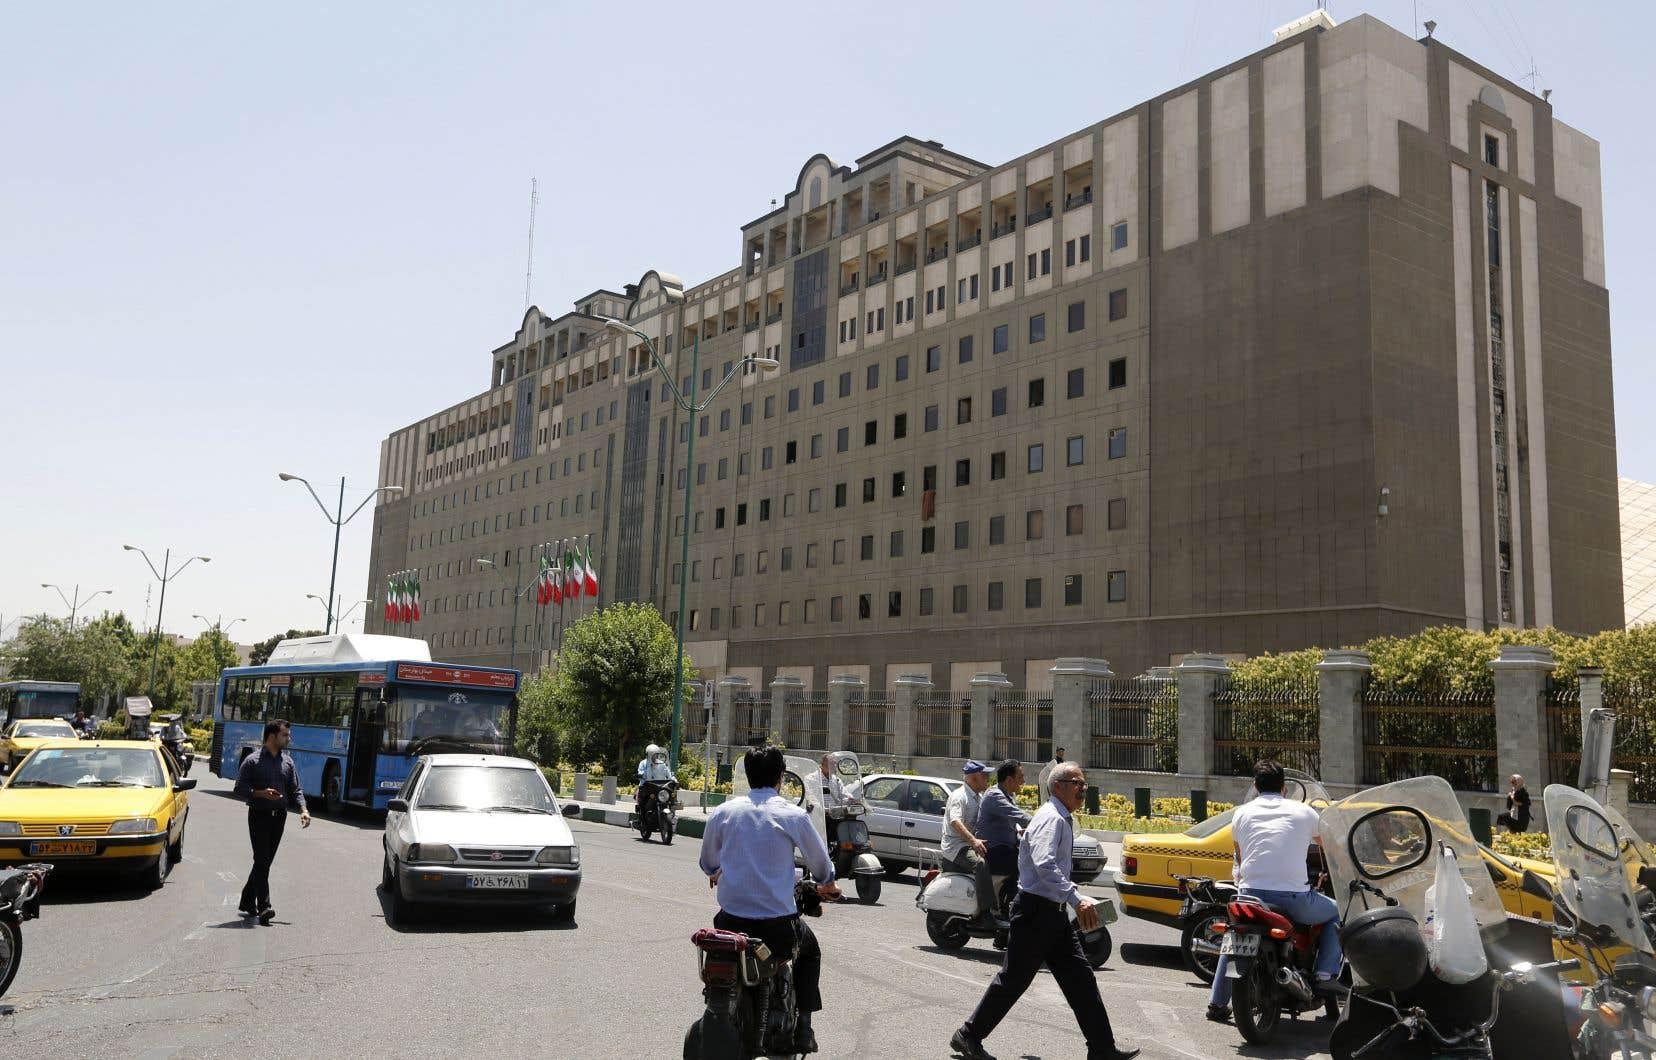 La question des restrictions imposées à Telegram, réseau social le plus populaire en Iran, pendant les troubles a été abordée.